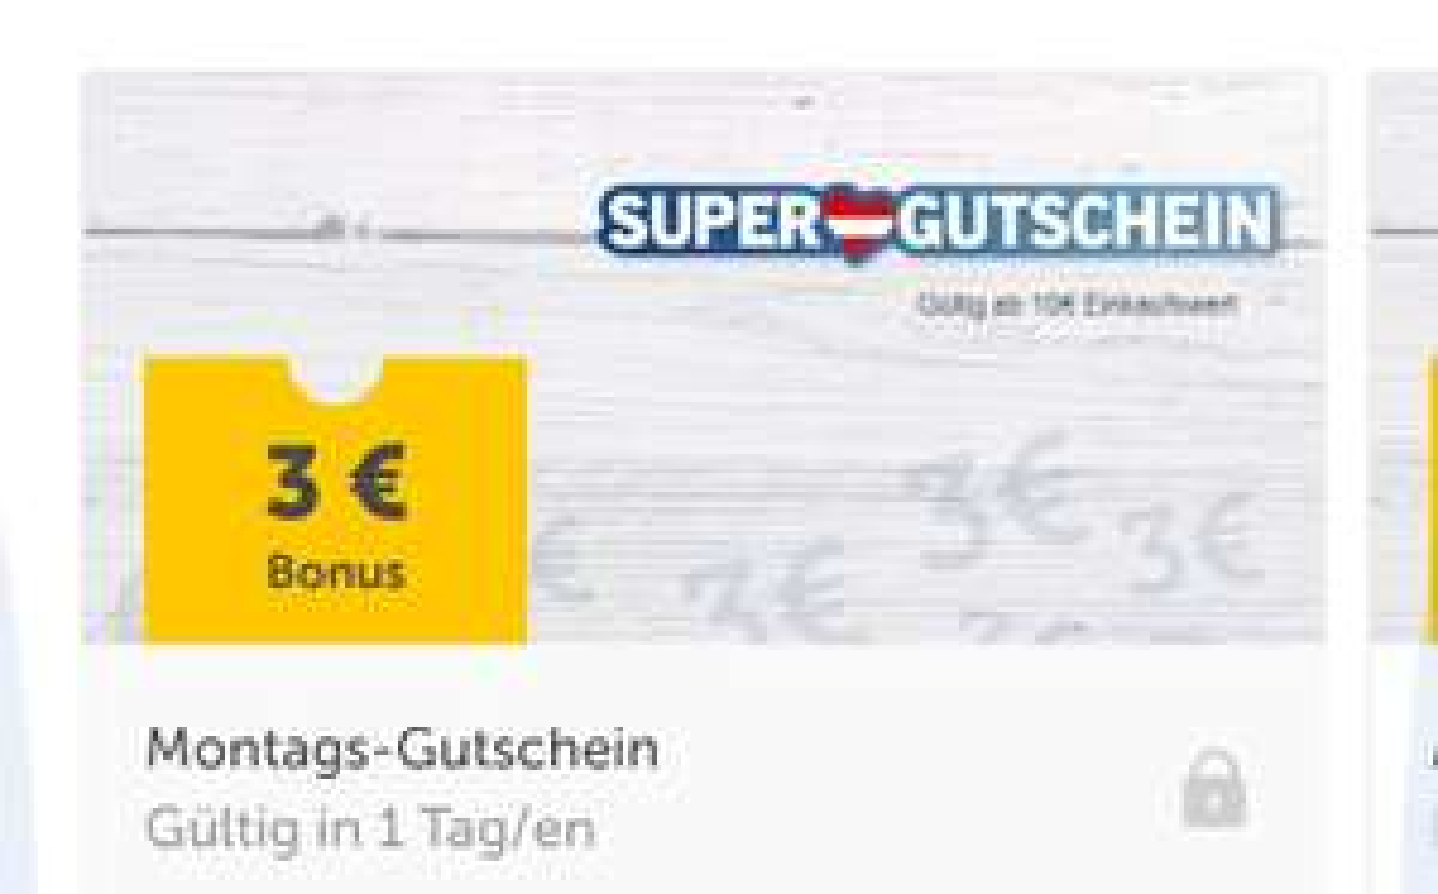 [Lidl plus] Gutschein -3 € ab 10 €